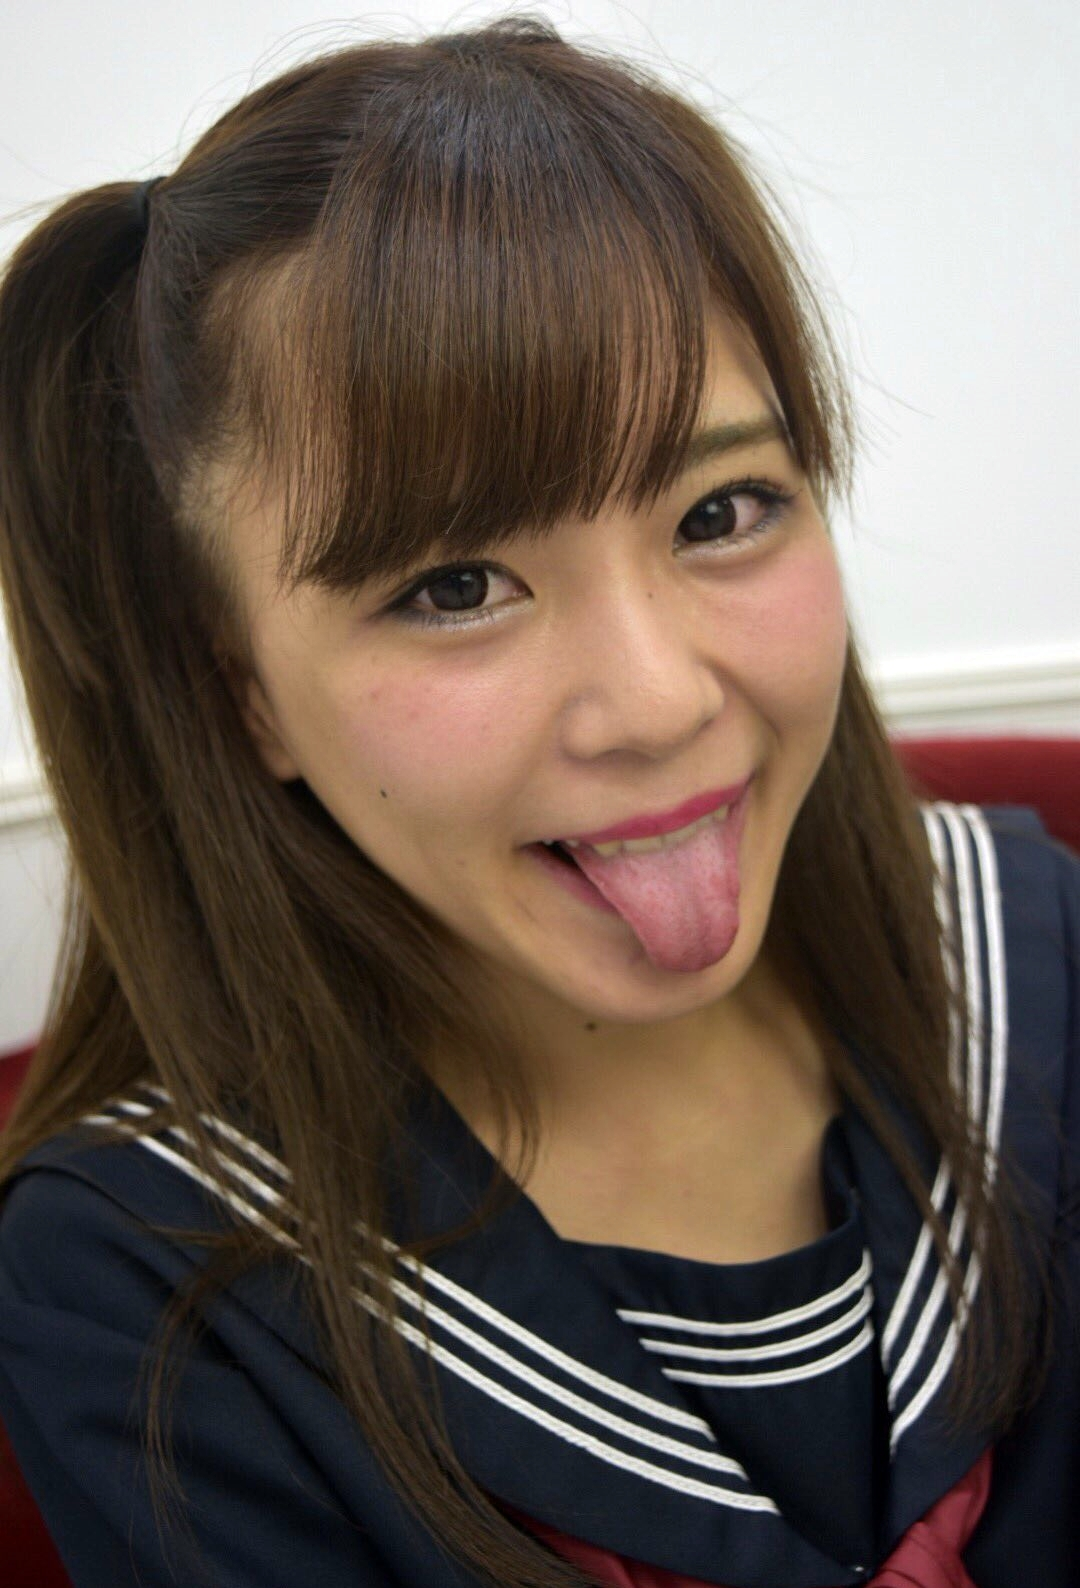 田中優衣の舌出し (7)